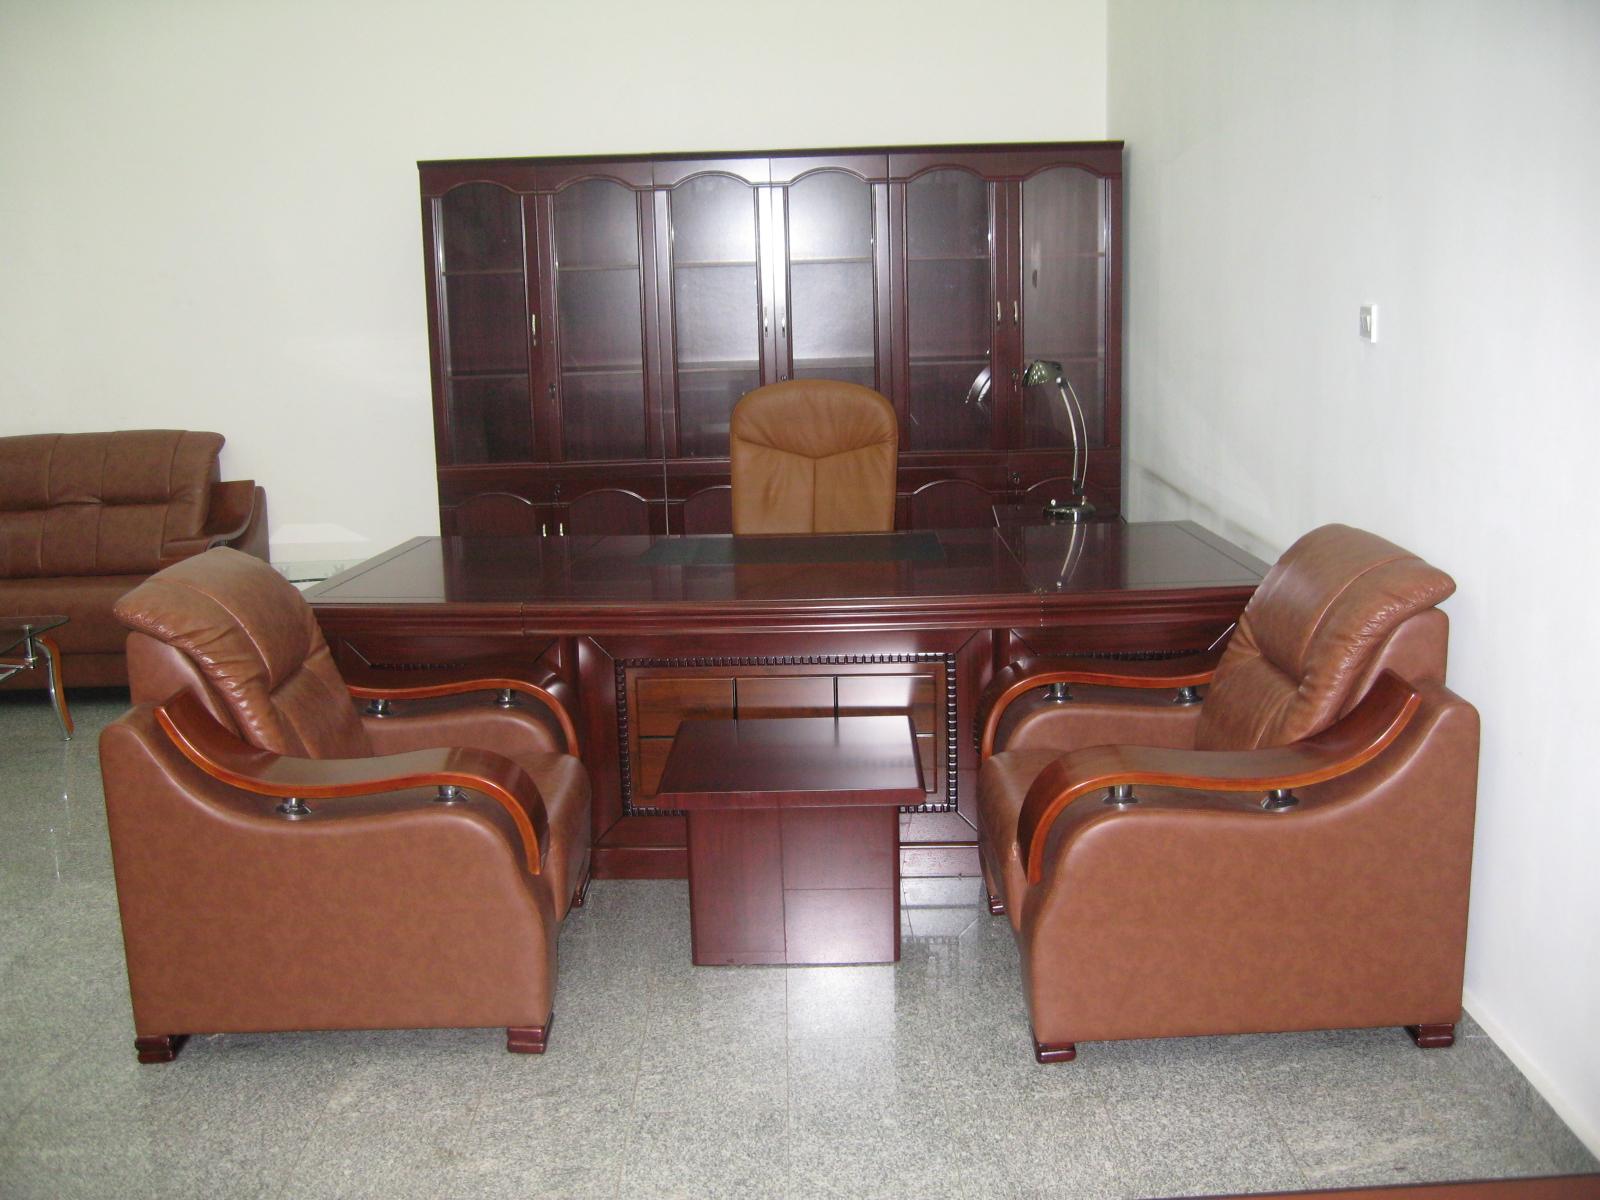 مكاتب الشخصيات الكبيرة